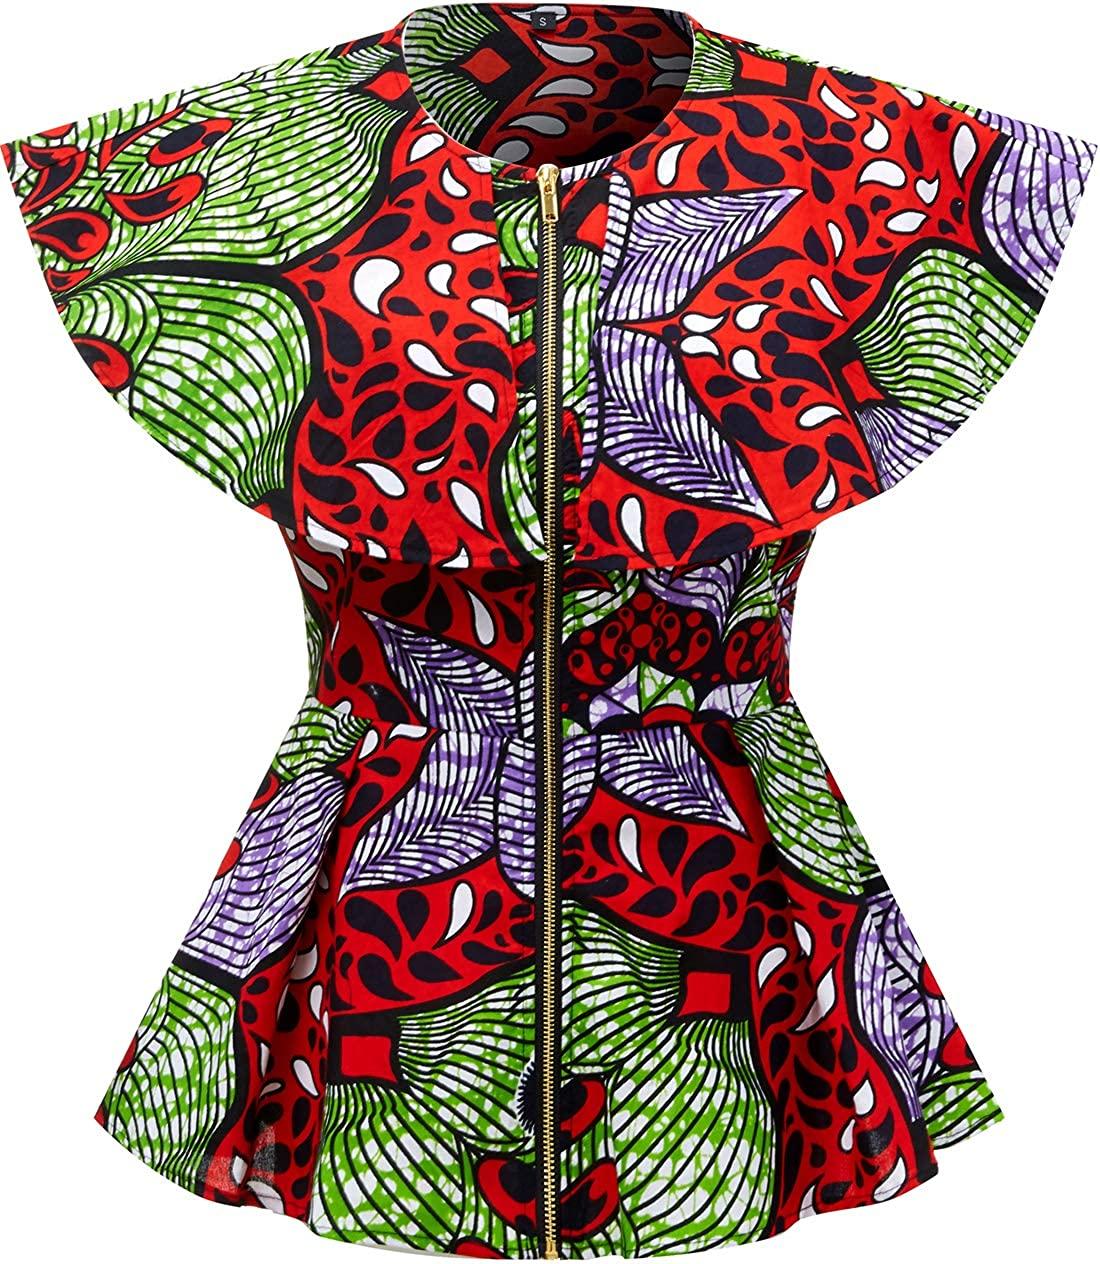 Shenbolen Women African Print Top Ankara Dashiki Shirt